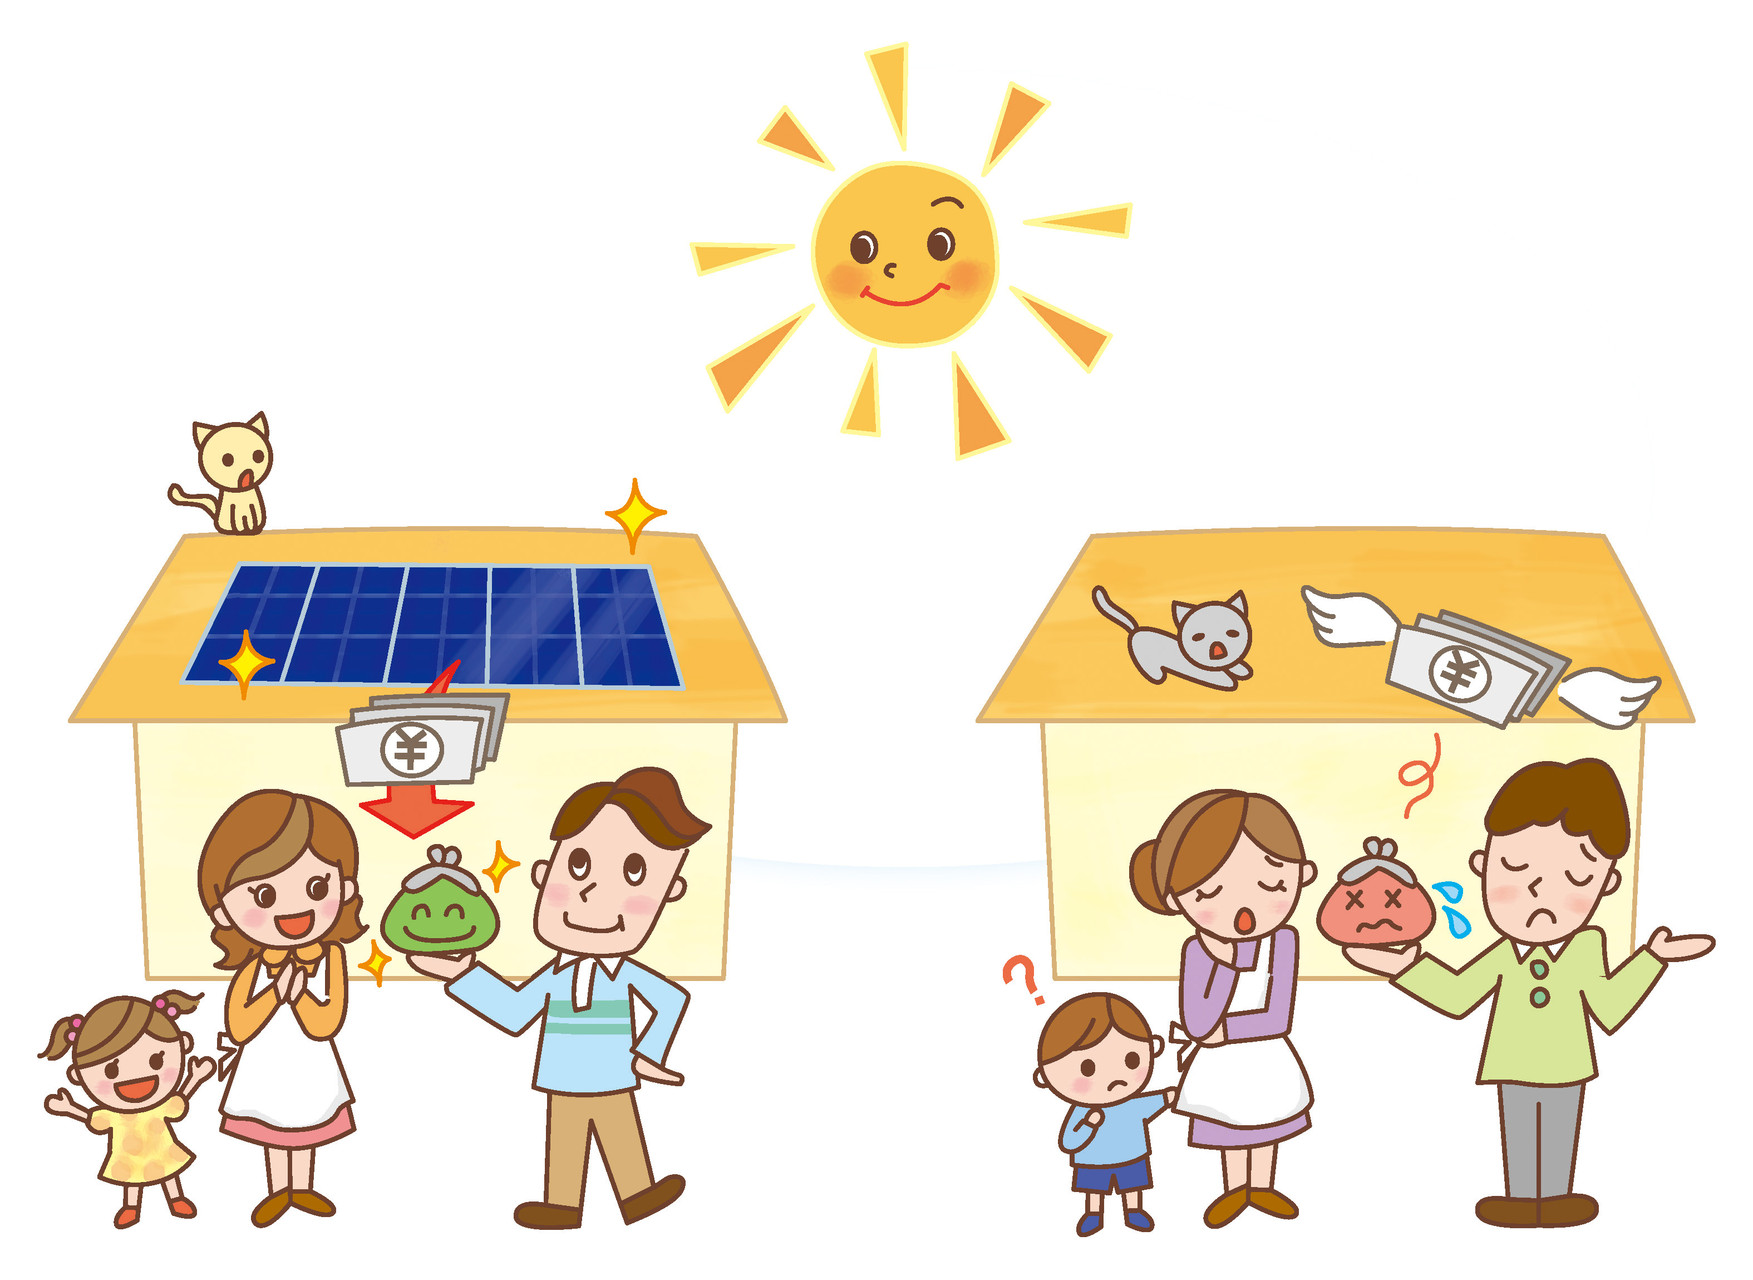 池田電工様 太陽光発電比較イラスト